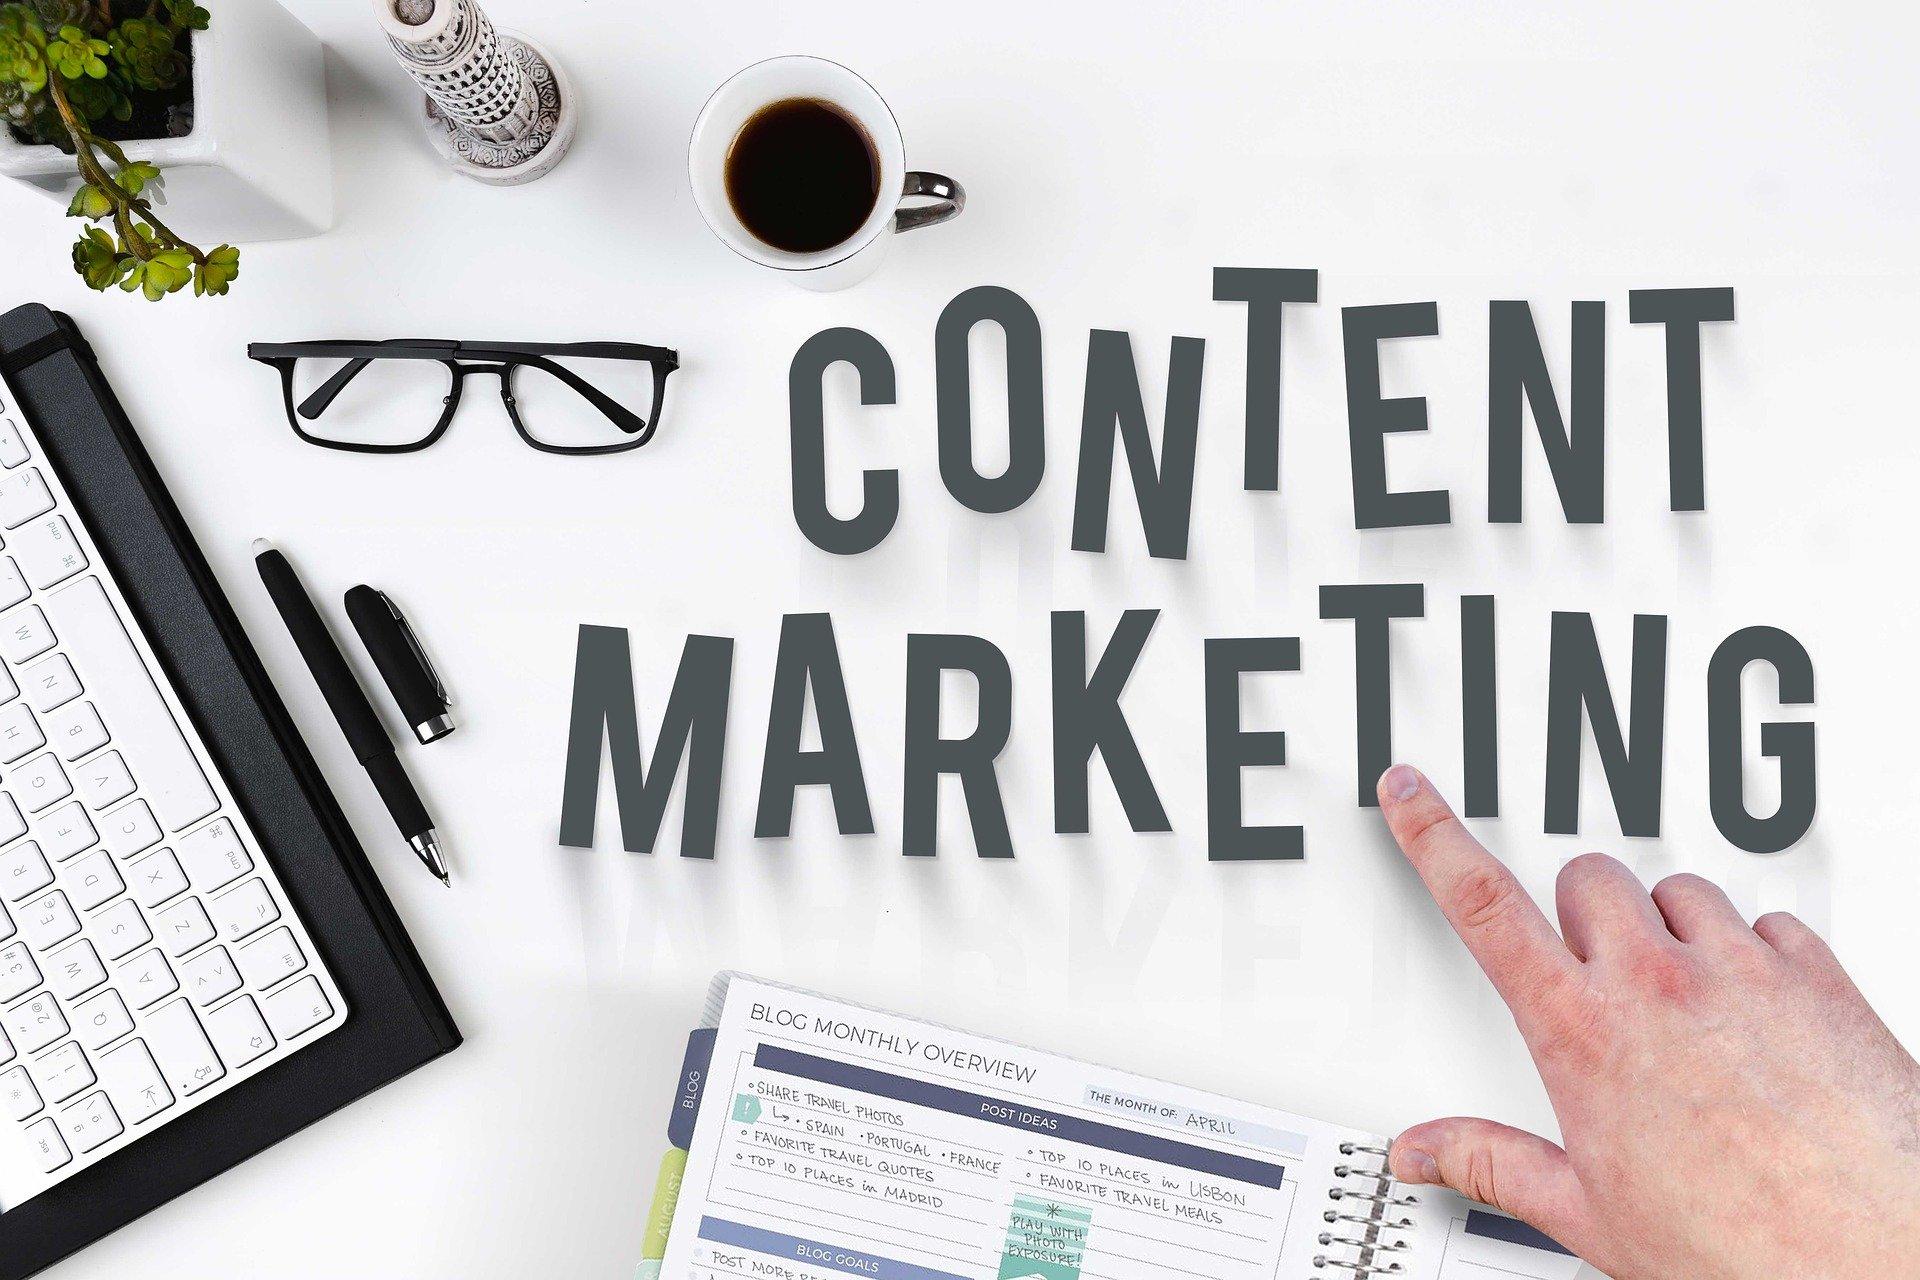 Les_choses_à_faire_et_à_ne_pas_faire_en_matière_de_marketing_de_contenu